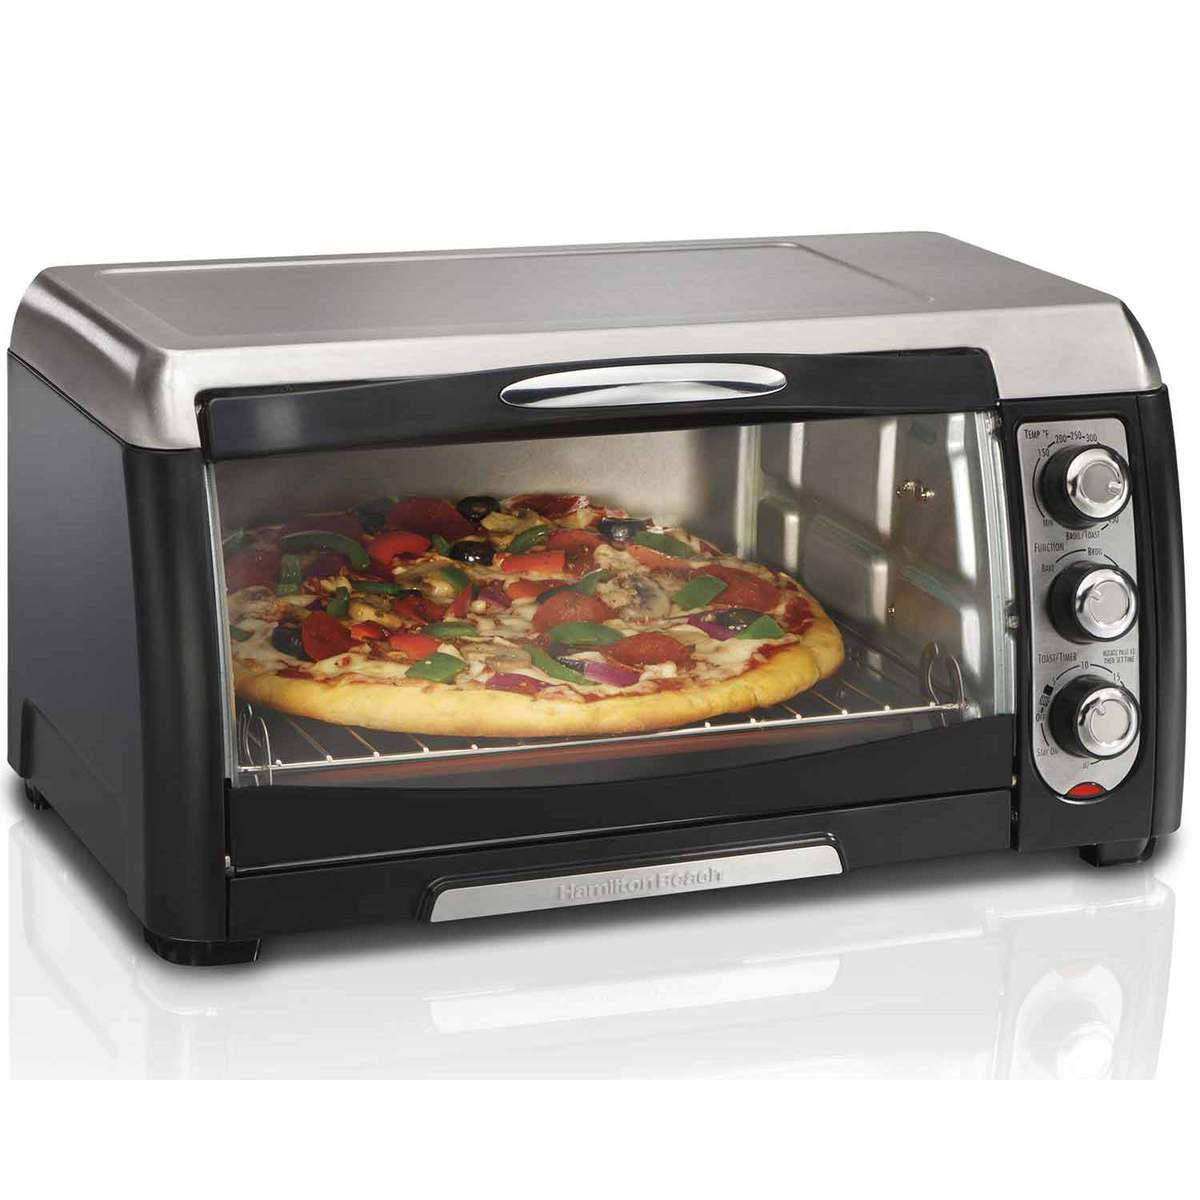 Cream Toaster Ovens ~ Hamilton beach toaster oven